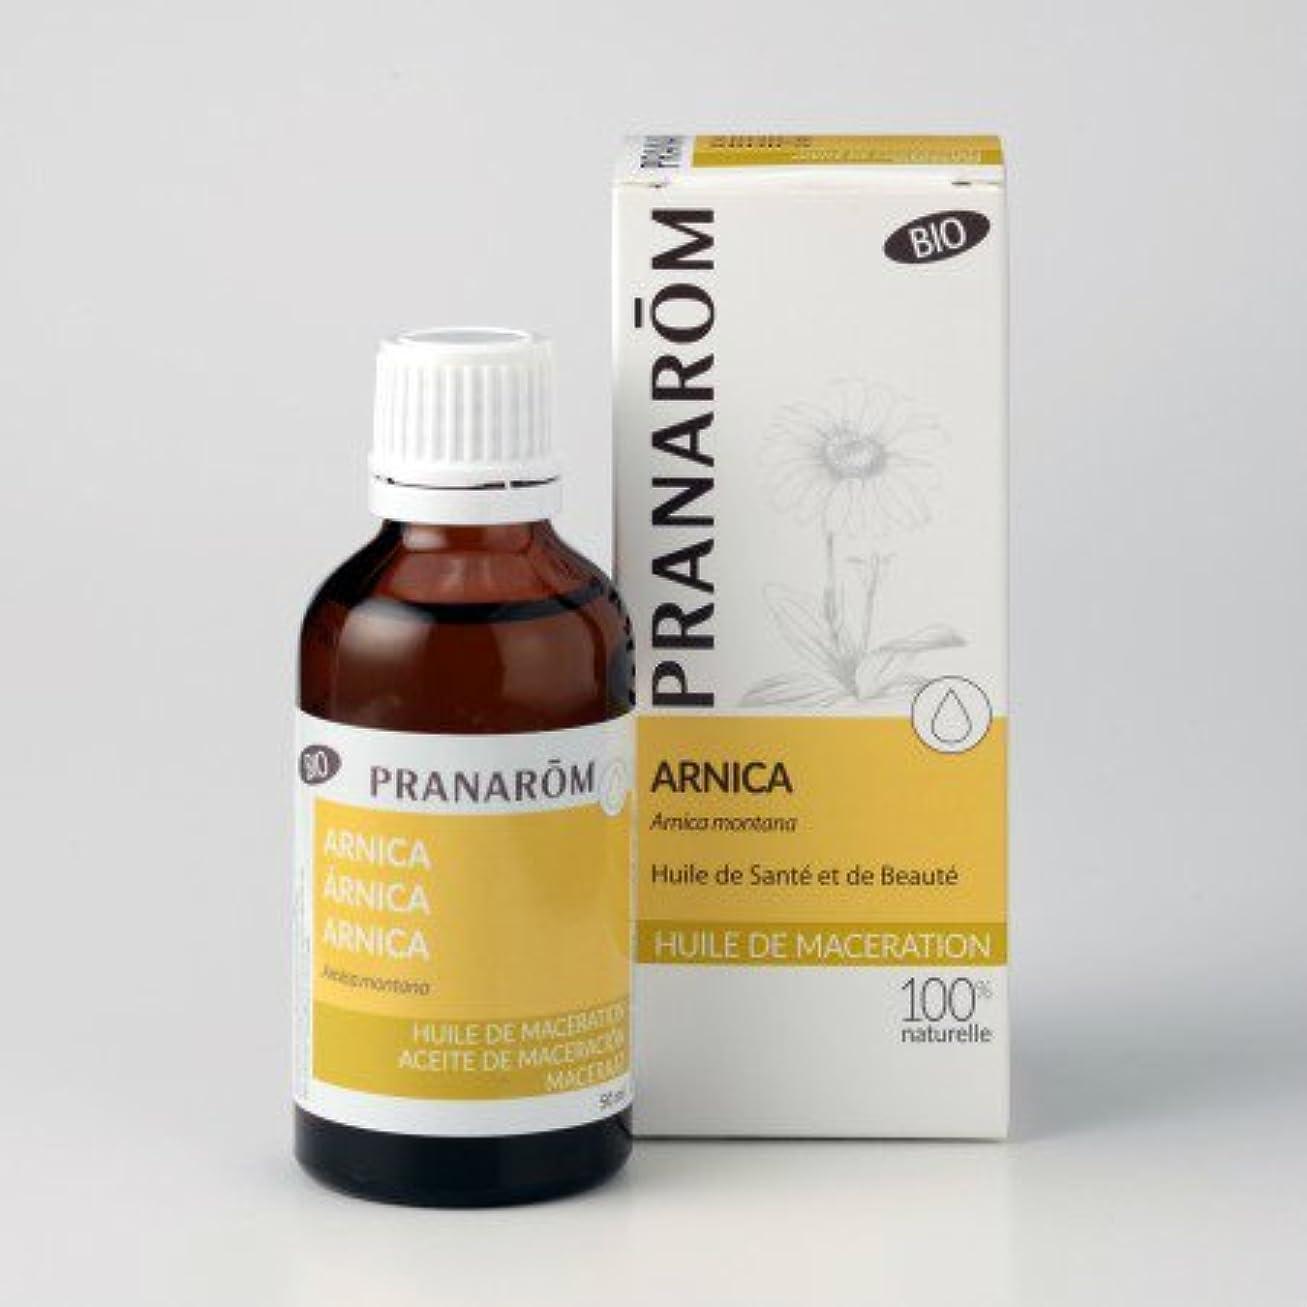 連邦原始的な直接プラナロム アルニカオイル 50ml (PRANAROM 植物油)